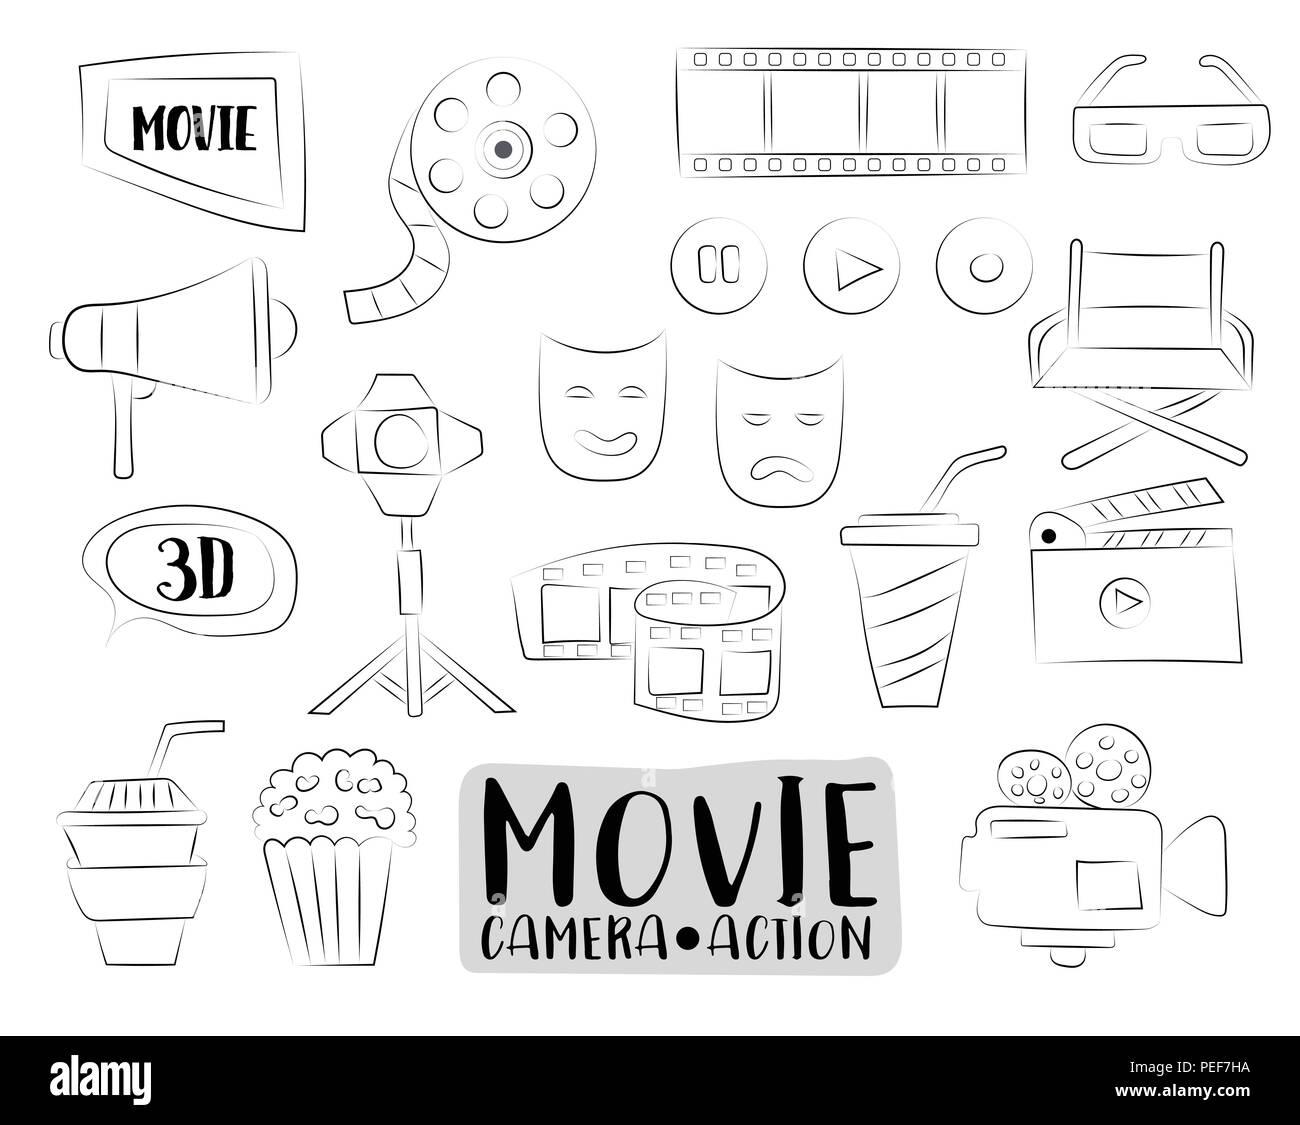 Iconos De Cine De Película Colorido Doodle Objetos Dibujados A Mano